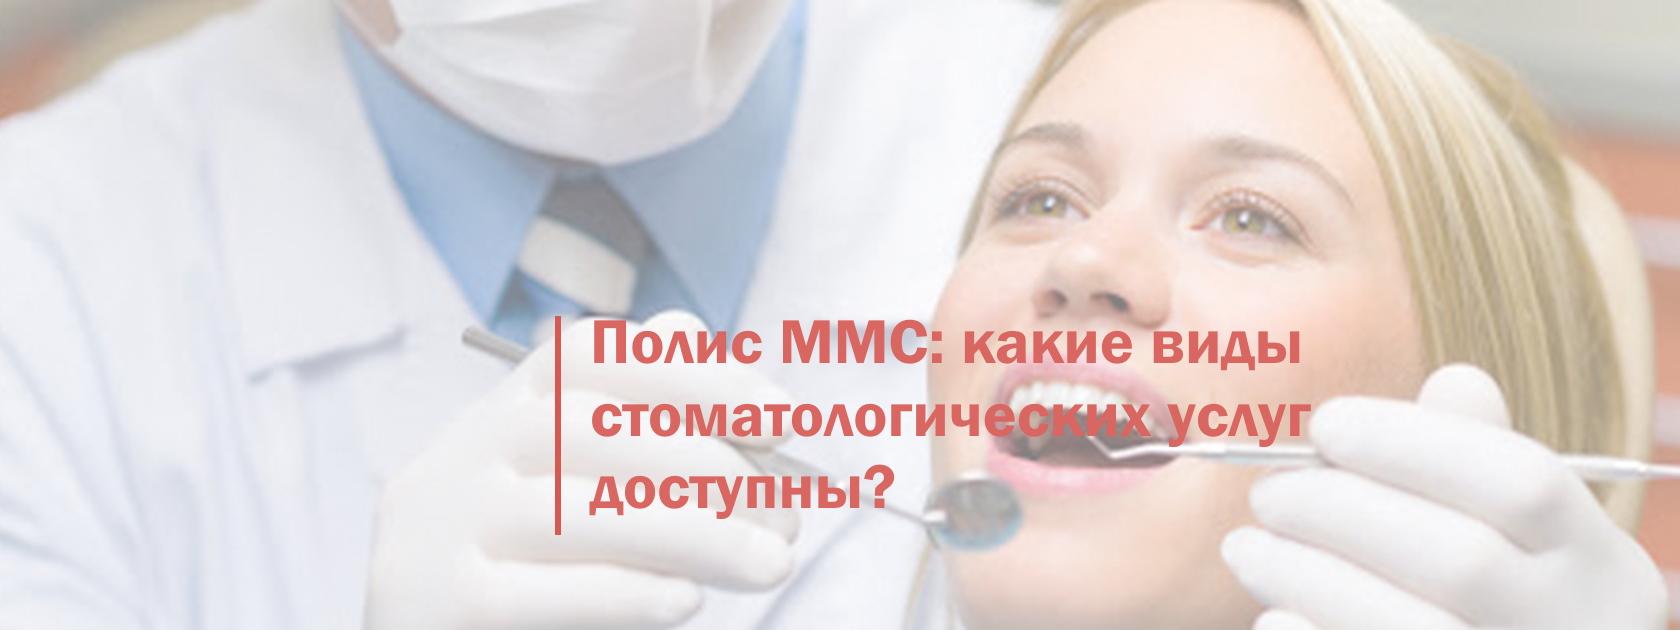 Лечение зубов по полису ММС